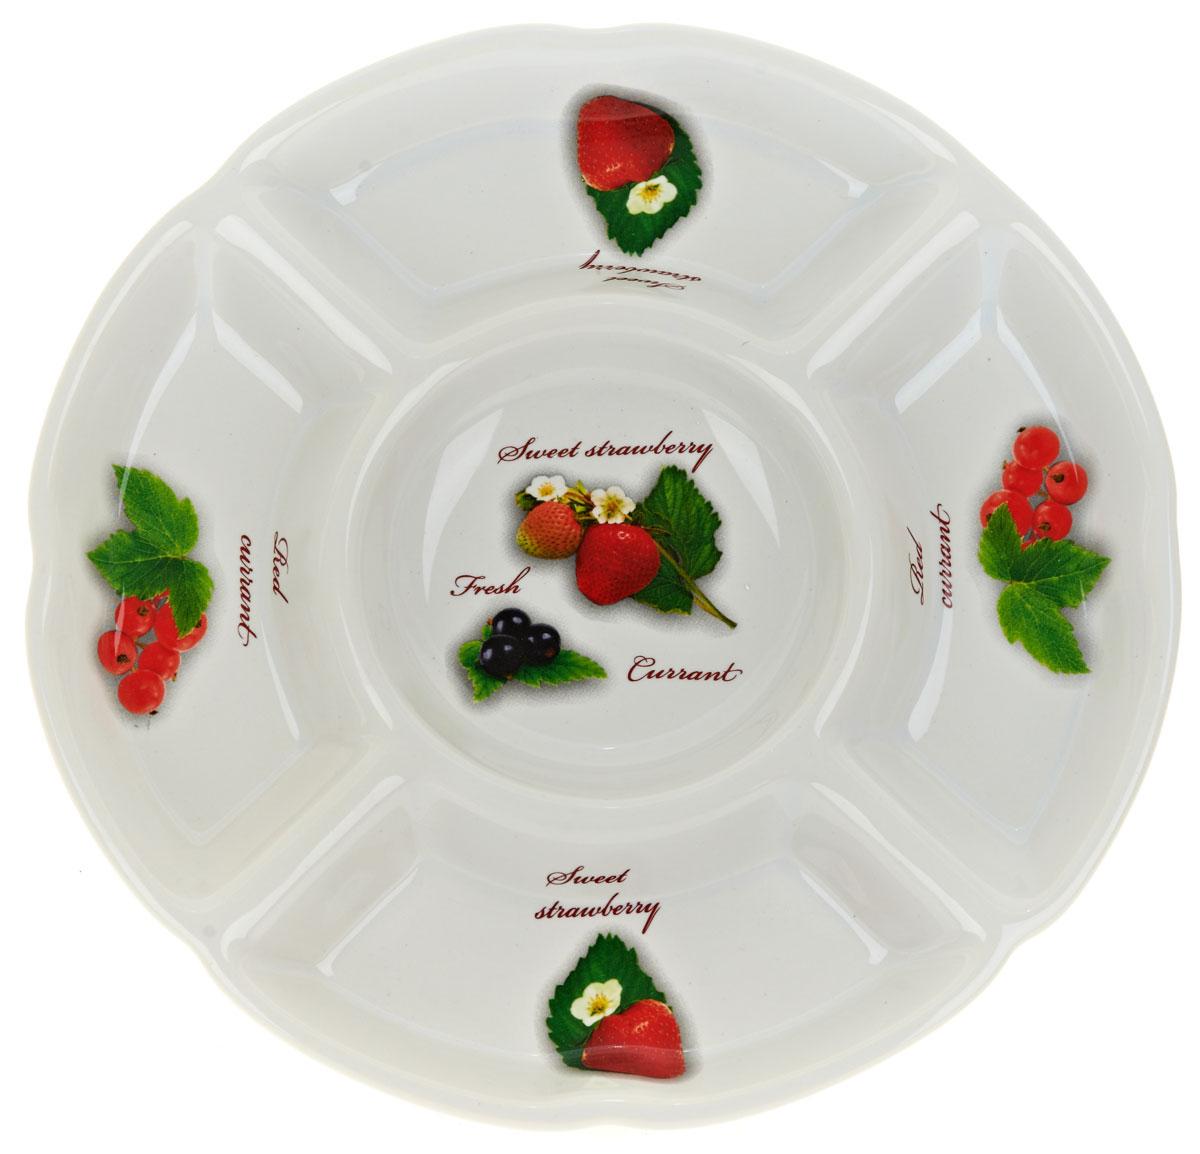 Менажница ENS Group Садовая ягода. L2520284L2520284Менажница Садовая ягода, изготовленная из высококачественной керамики. Менажница состоит из 5 секций, предназначенных для подачи сразу нескольких видов закусок, нарезок, соусов и варенья. Оригинальная менажница станет настоящим украшением праздничного стола и подчеркнет ваш изысканный вкус.